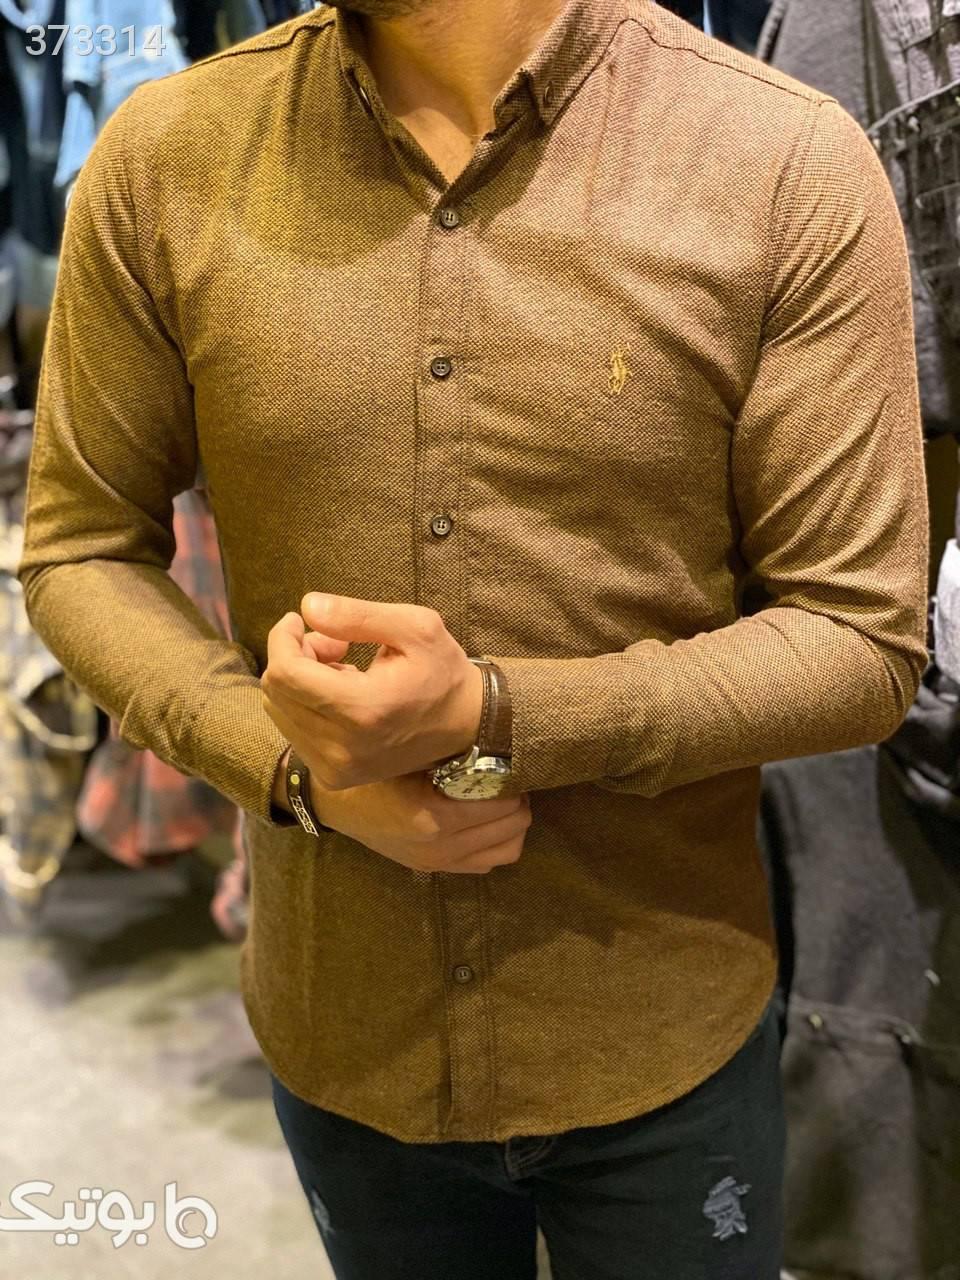 پیراهن پشمی مشکی پيراهن مردانه